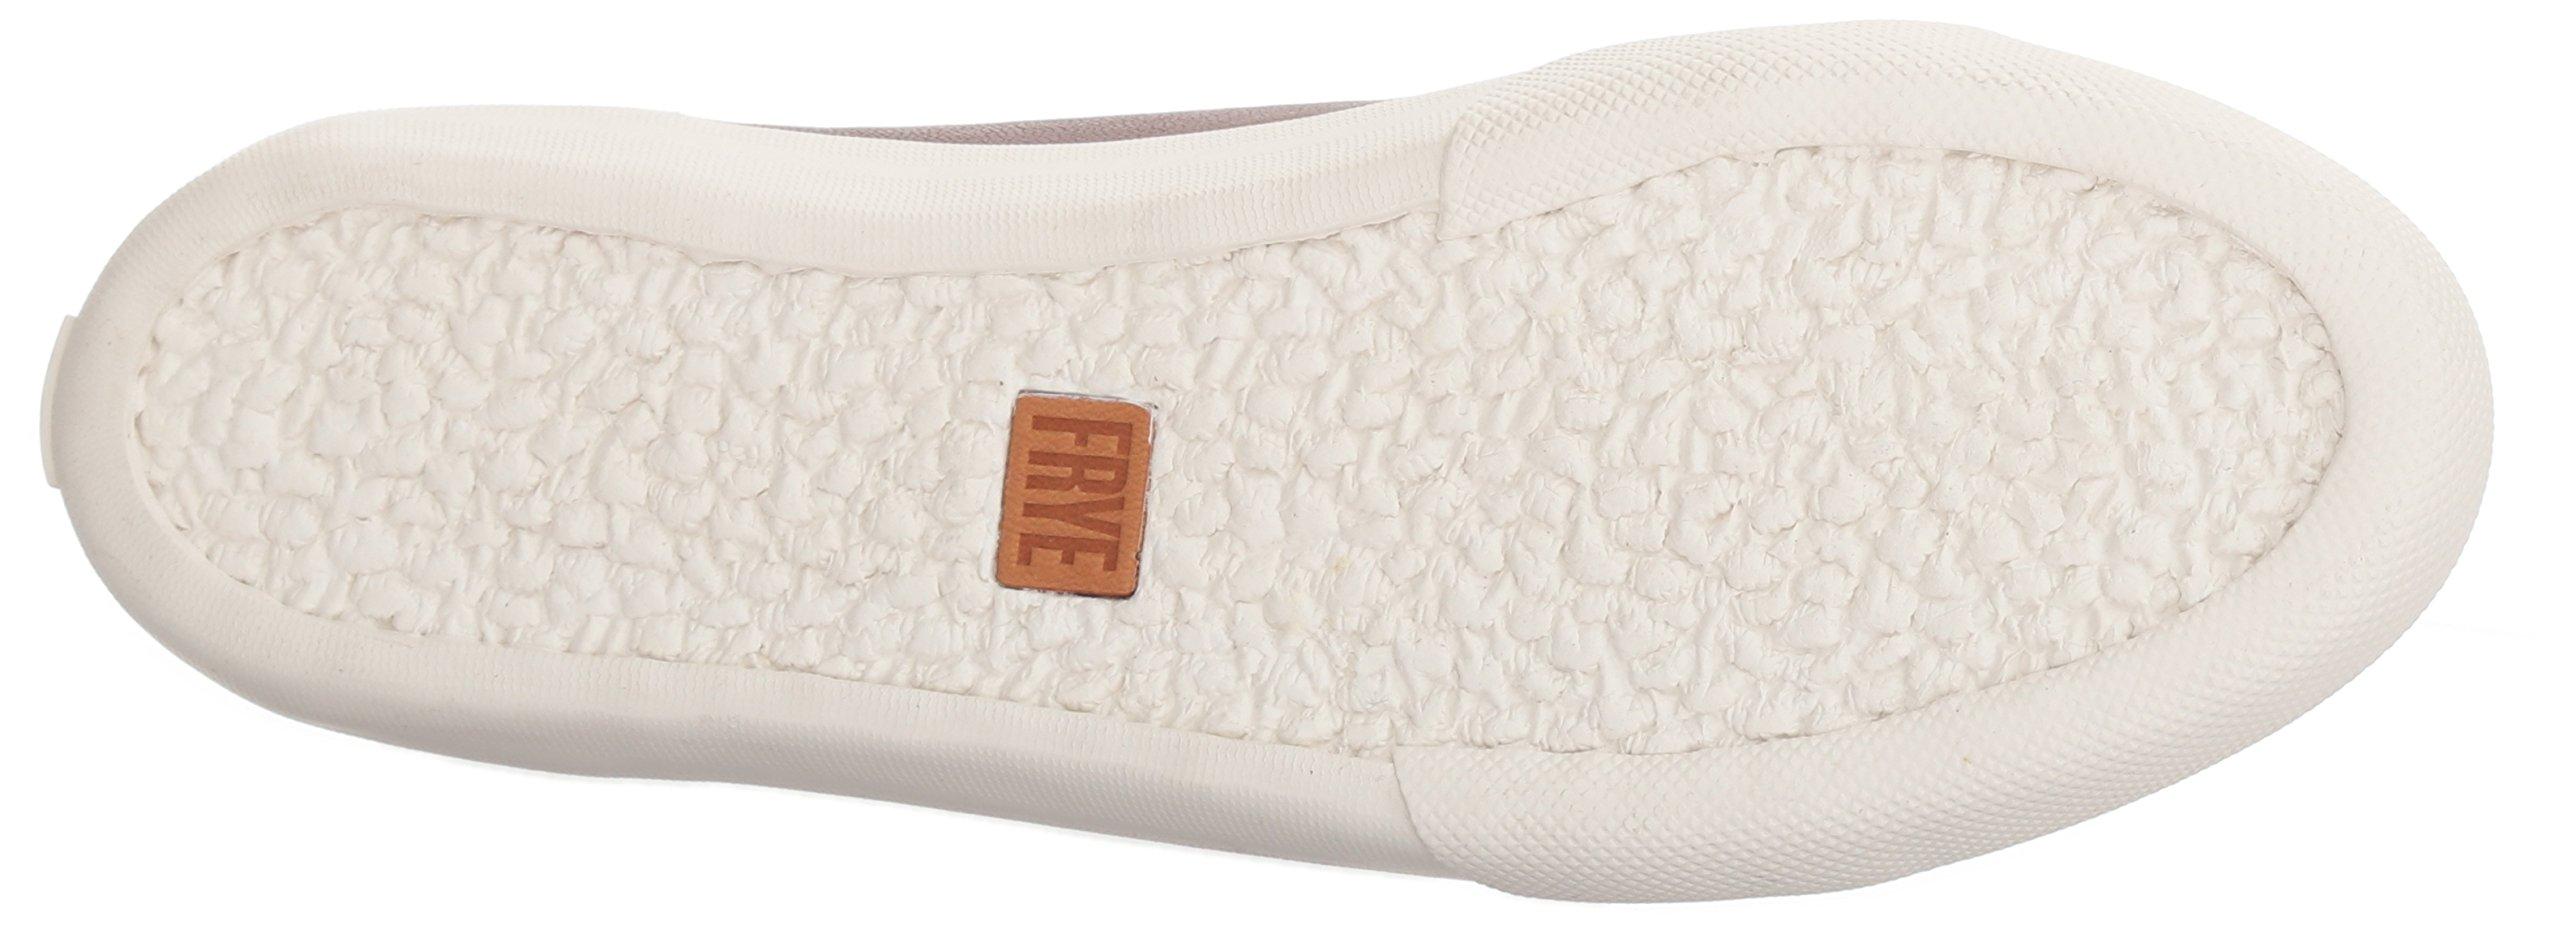 FRYE Women's Maya Low Lace Sneaker, Cement, 6.5 M US by FRYE (Image #3)